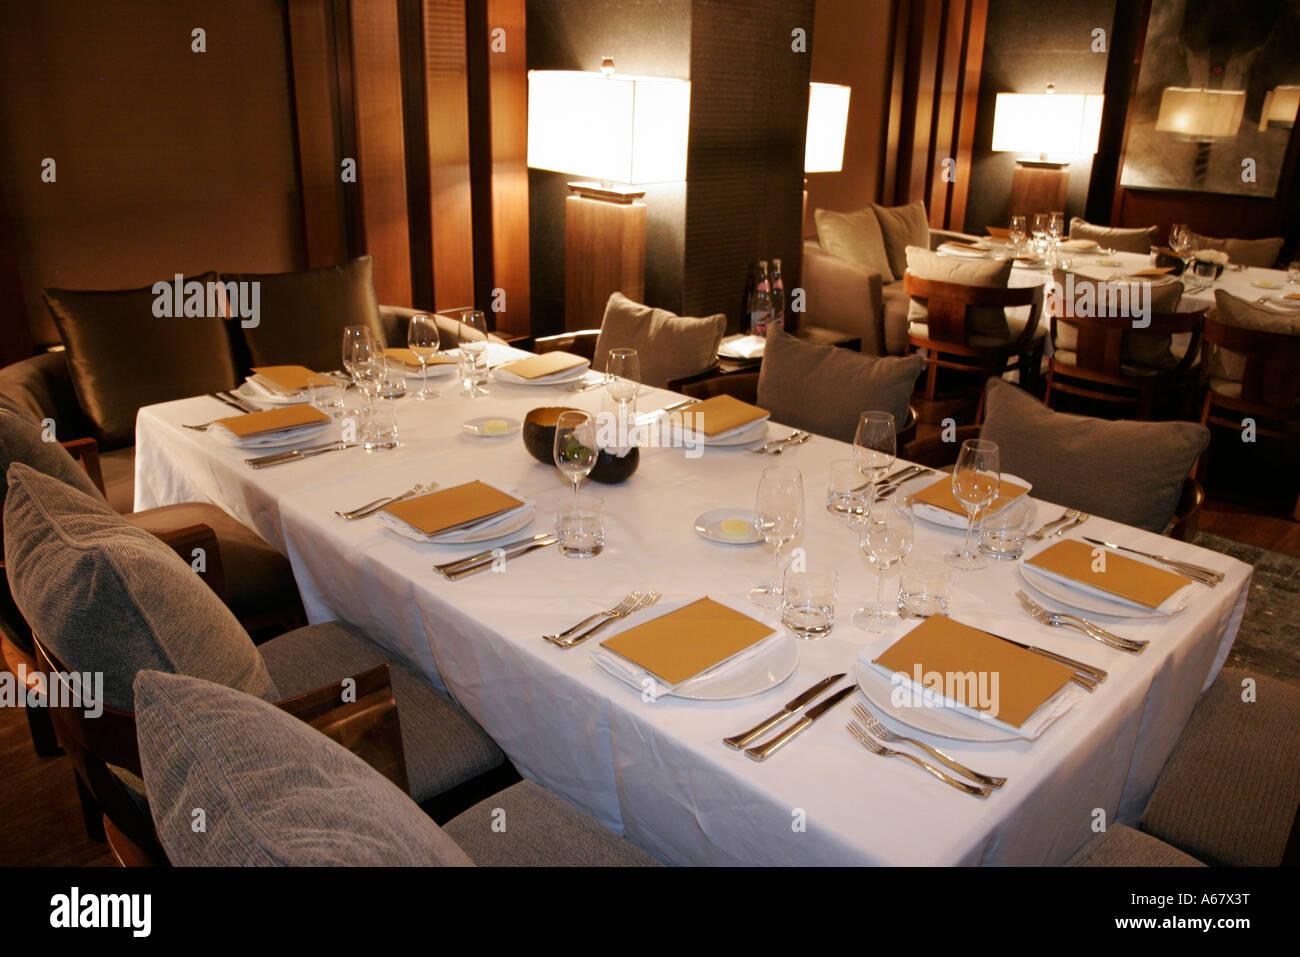 Miami Beach Florida South Beach Setai Hotel Restaurant